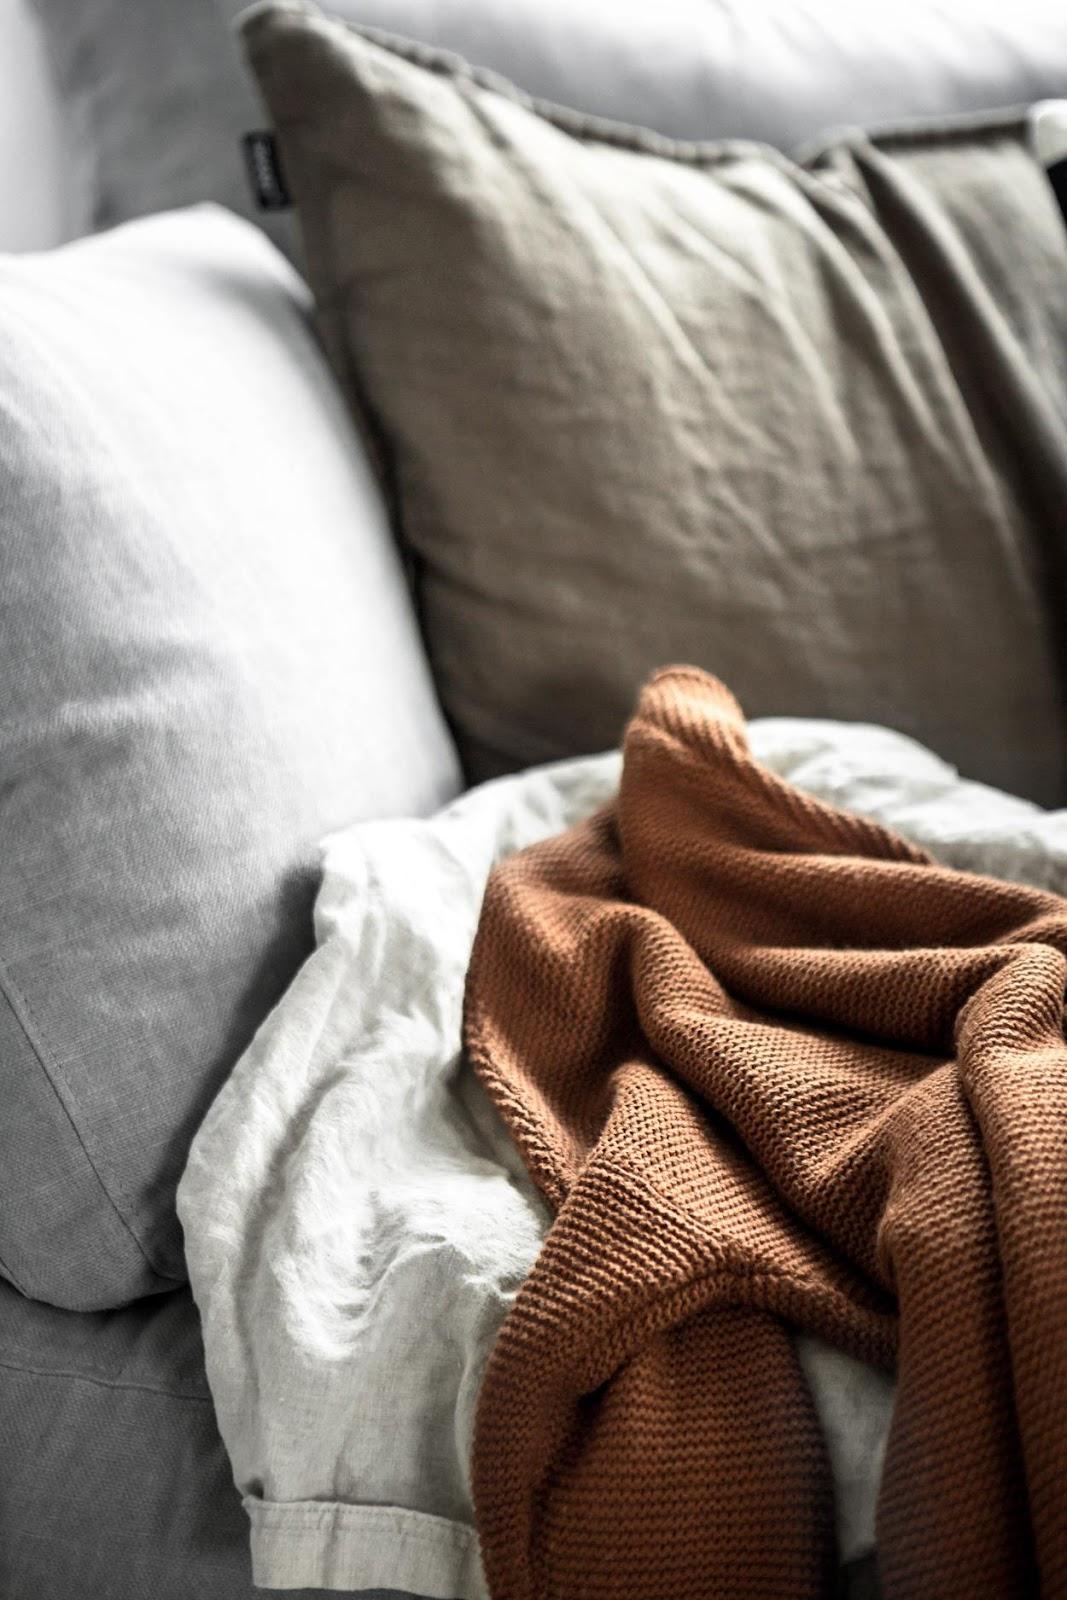 ilaria fatone - japandi - subtle art of minimalism